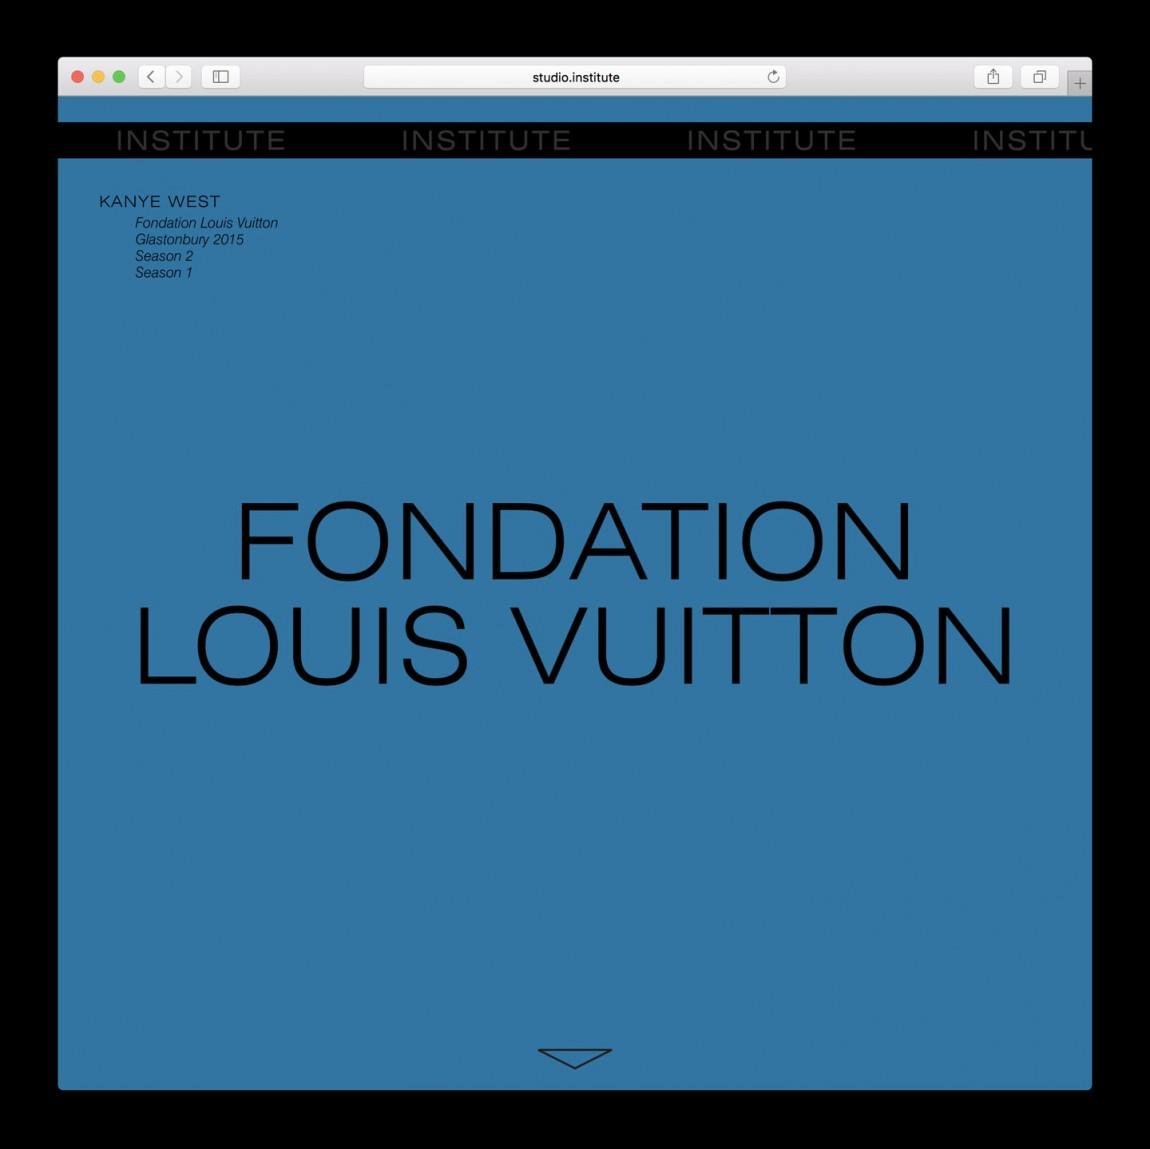 纽约Institute创意工作室视觉传达设计,企业网站设计